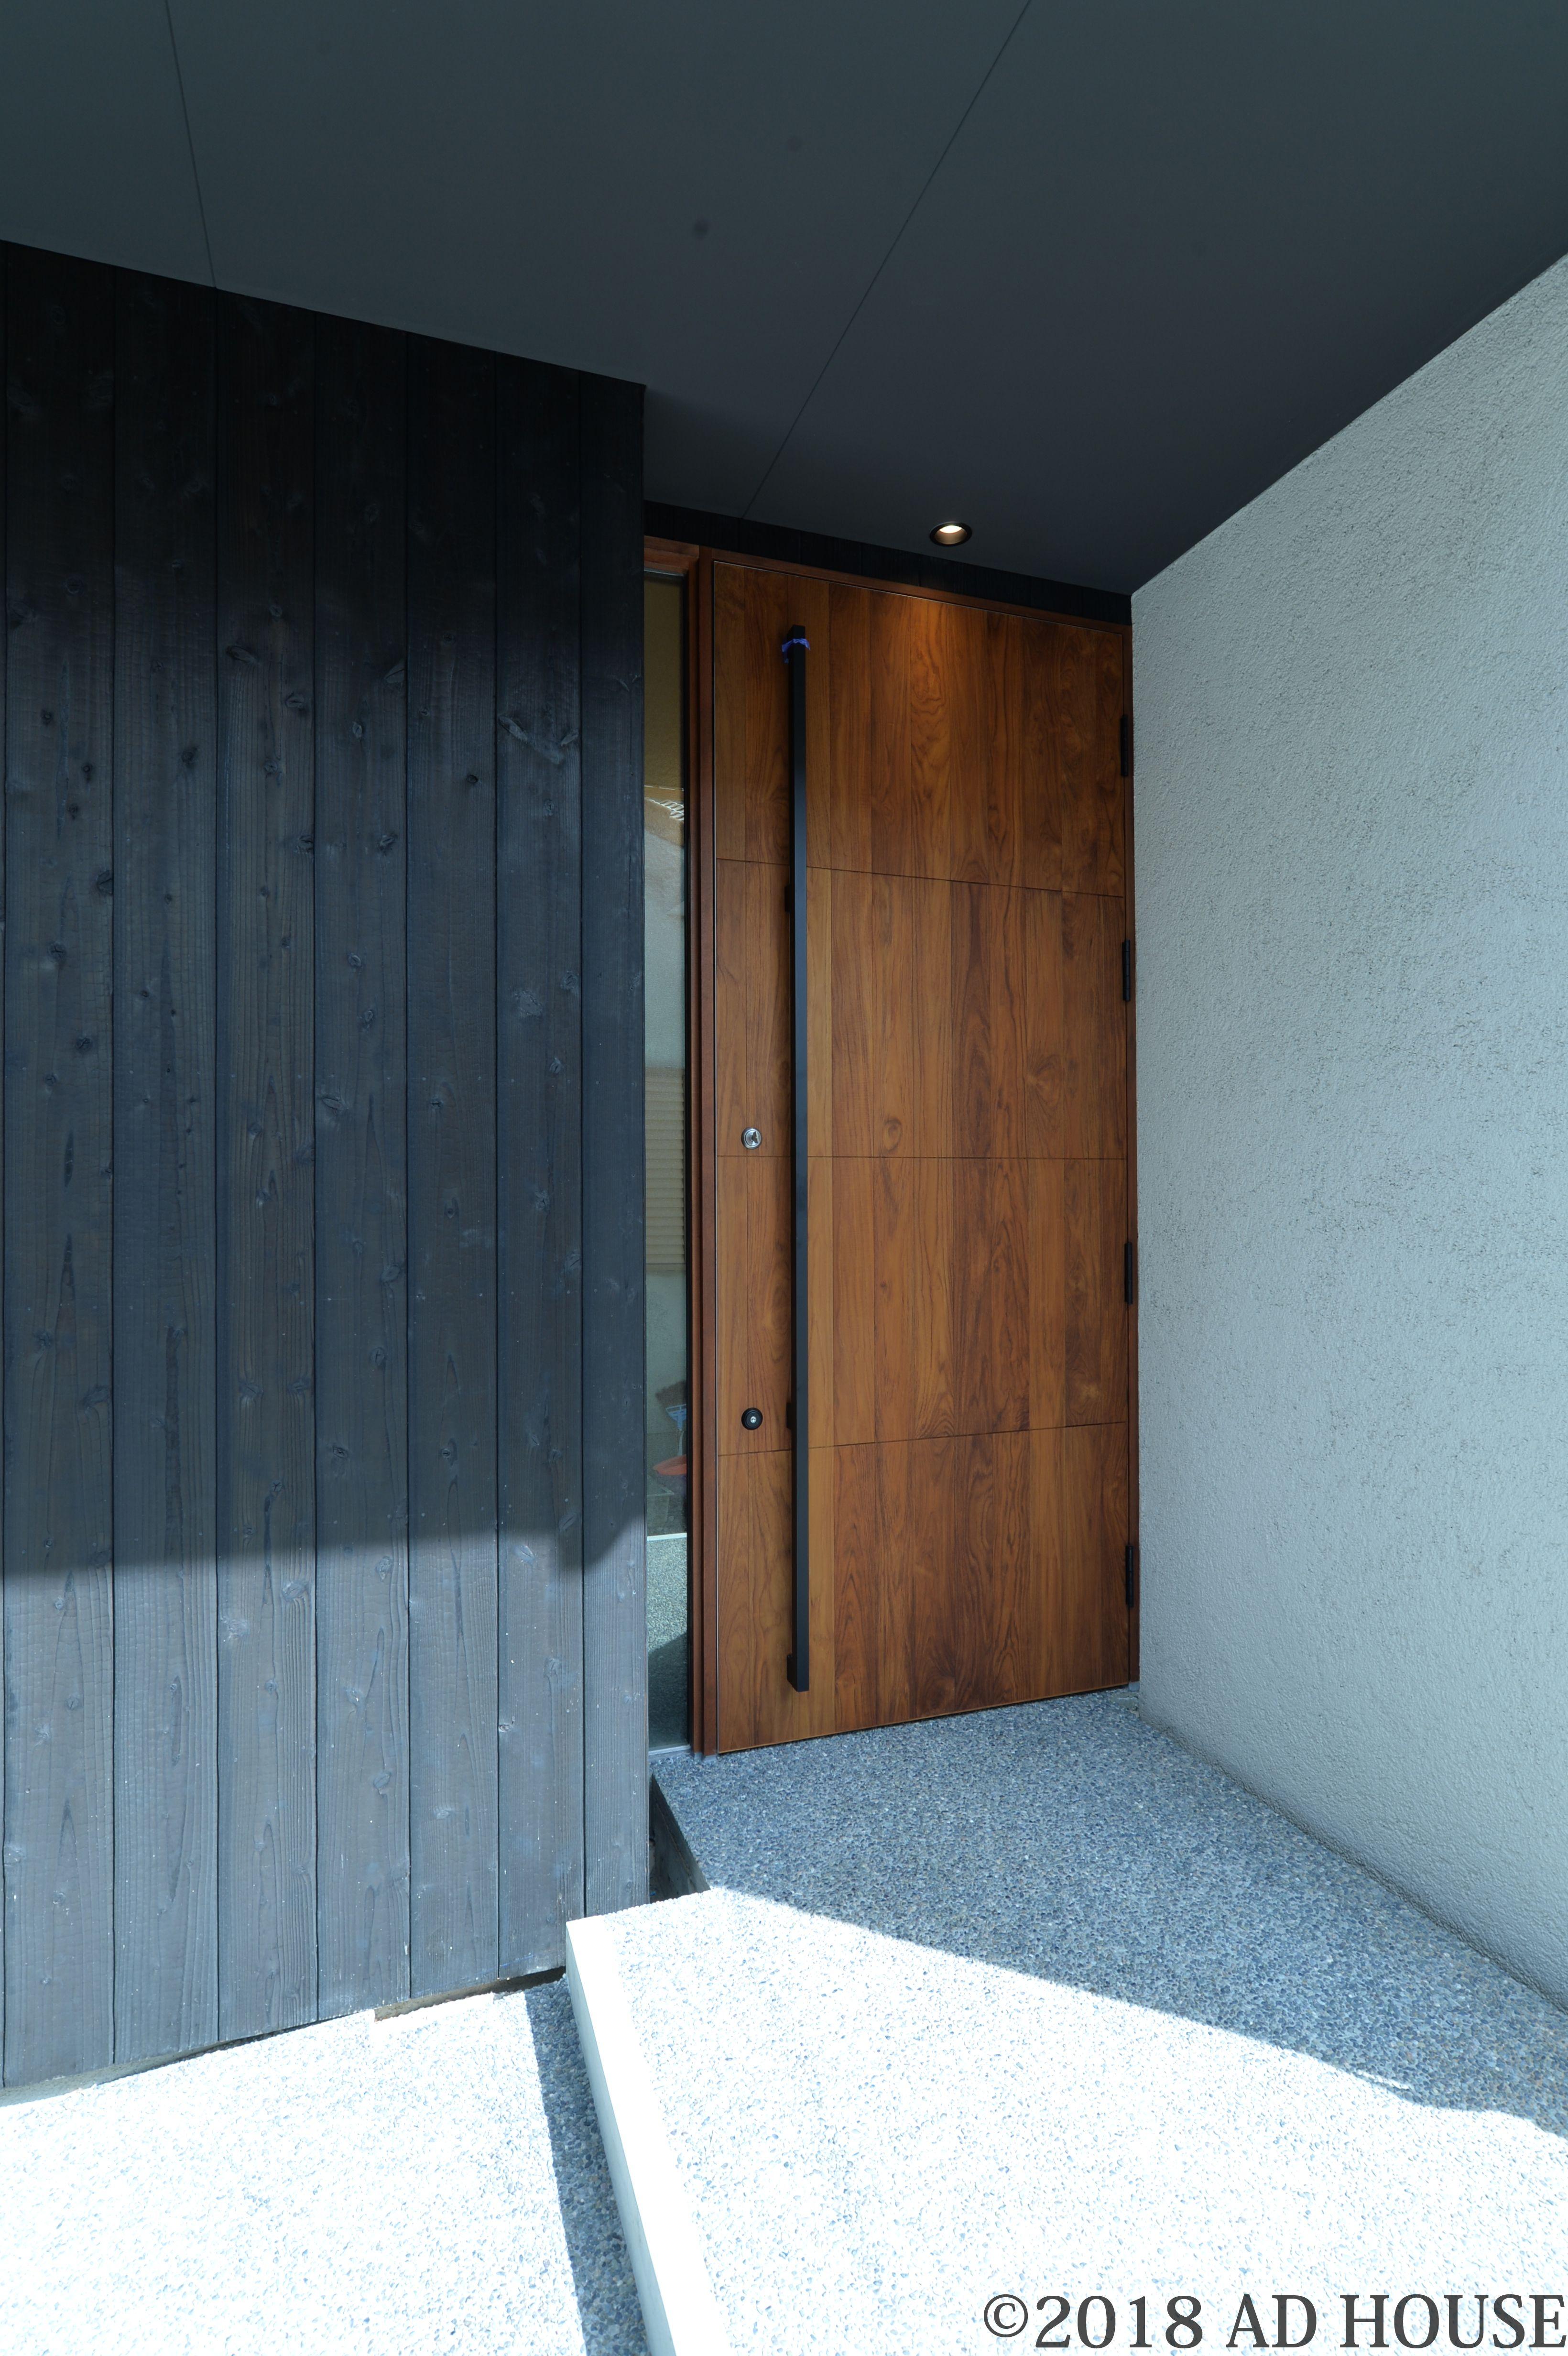 オリジナル木製断熱玄扉 表面材は無垢のチーク材 袖部分に明かり